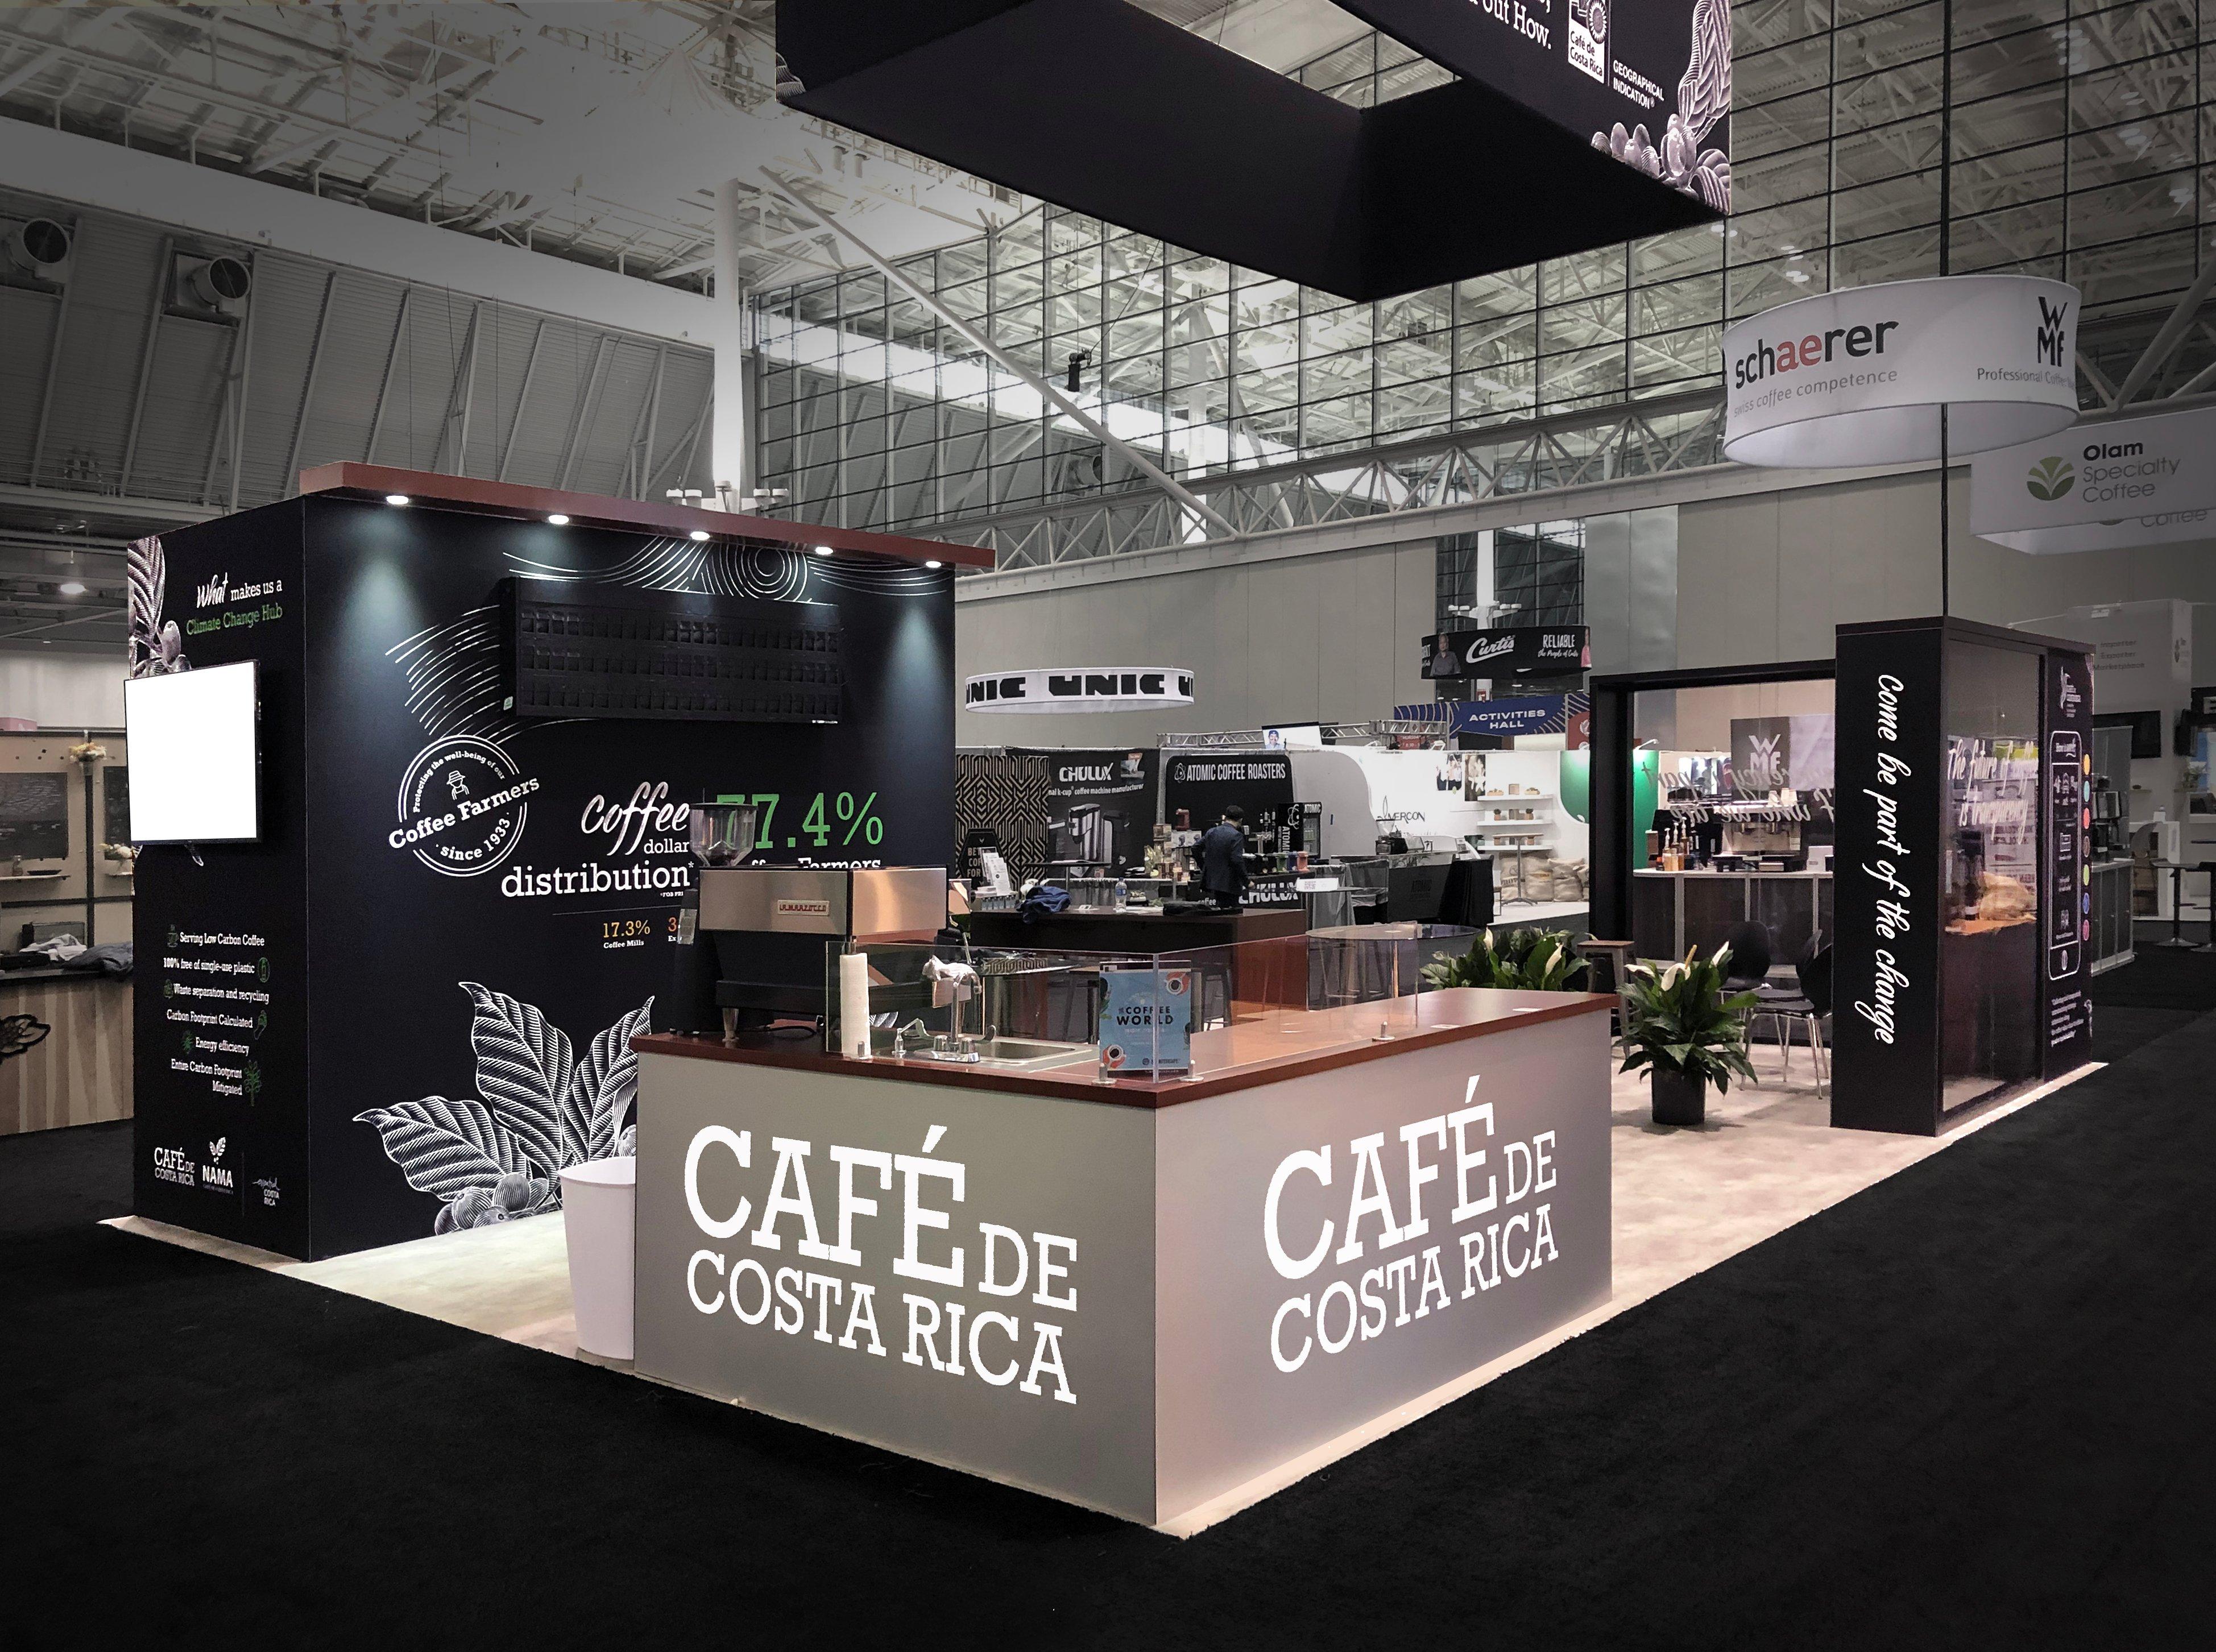 Image of Cafe De Costa Rica Trade Show booth